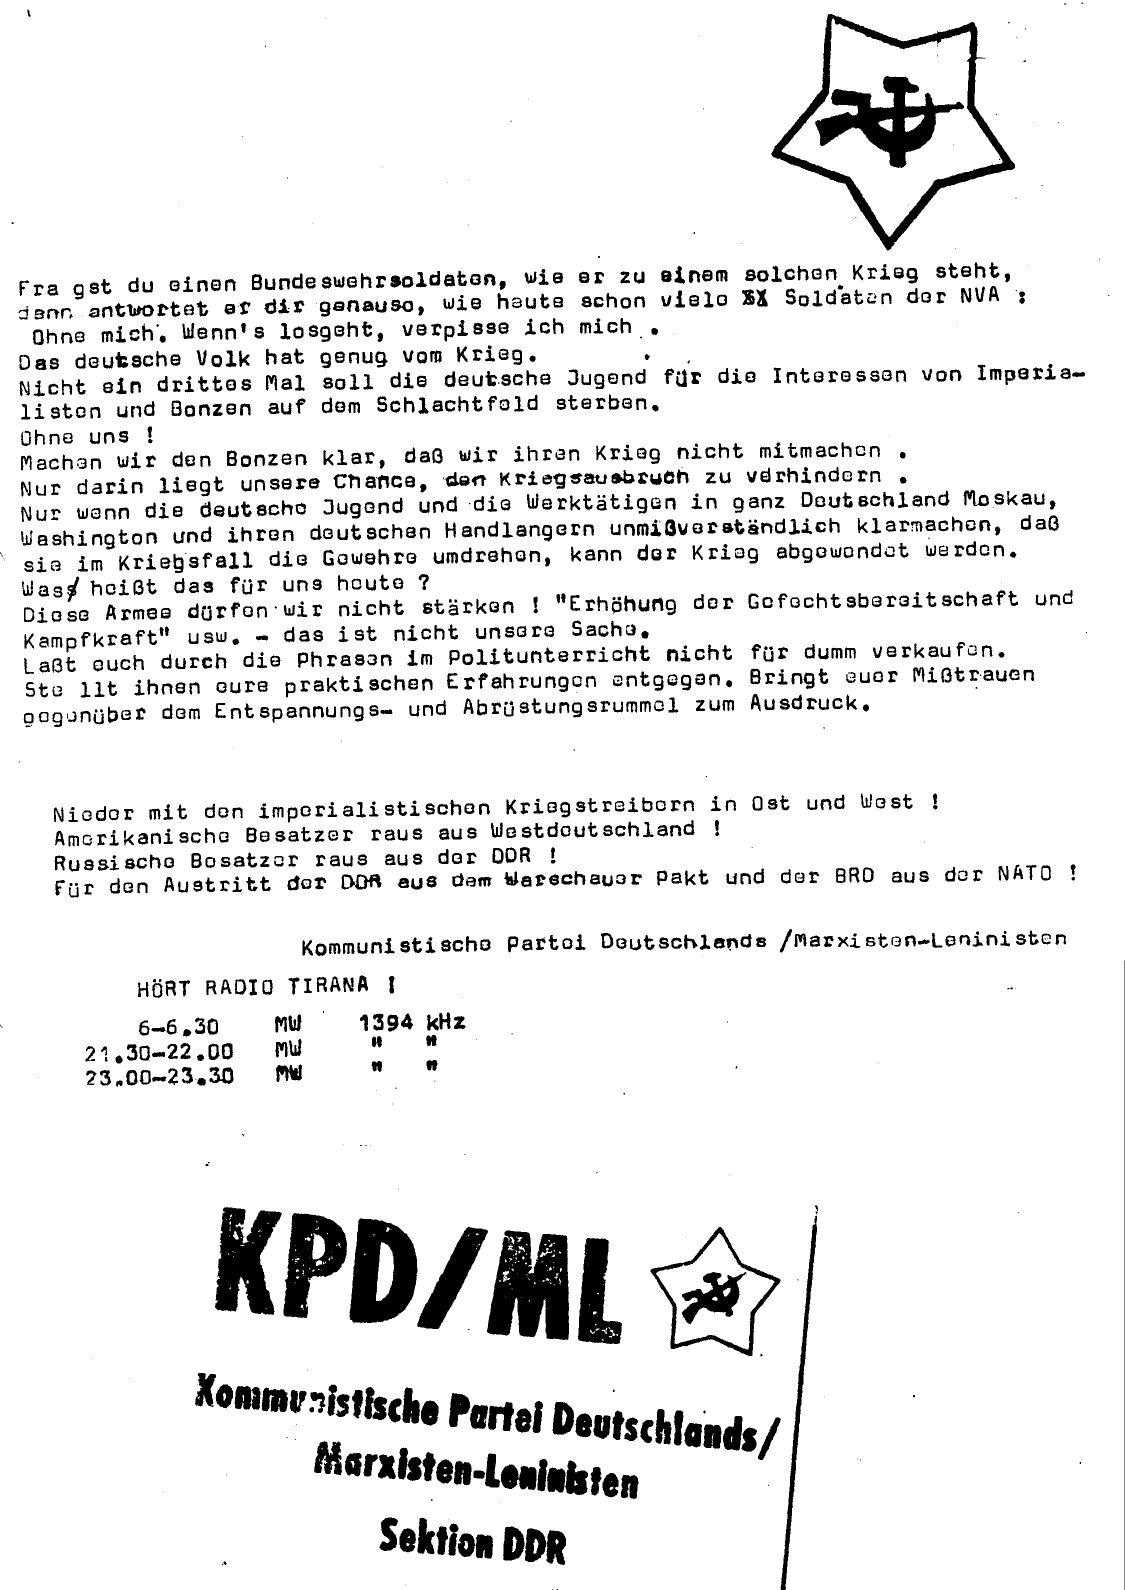 DDR_KPDML_FB_Soldat_hoer_zu_19780000_04